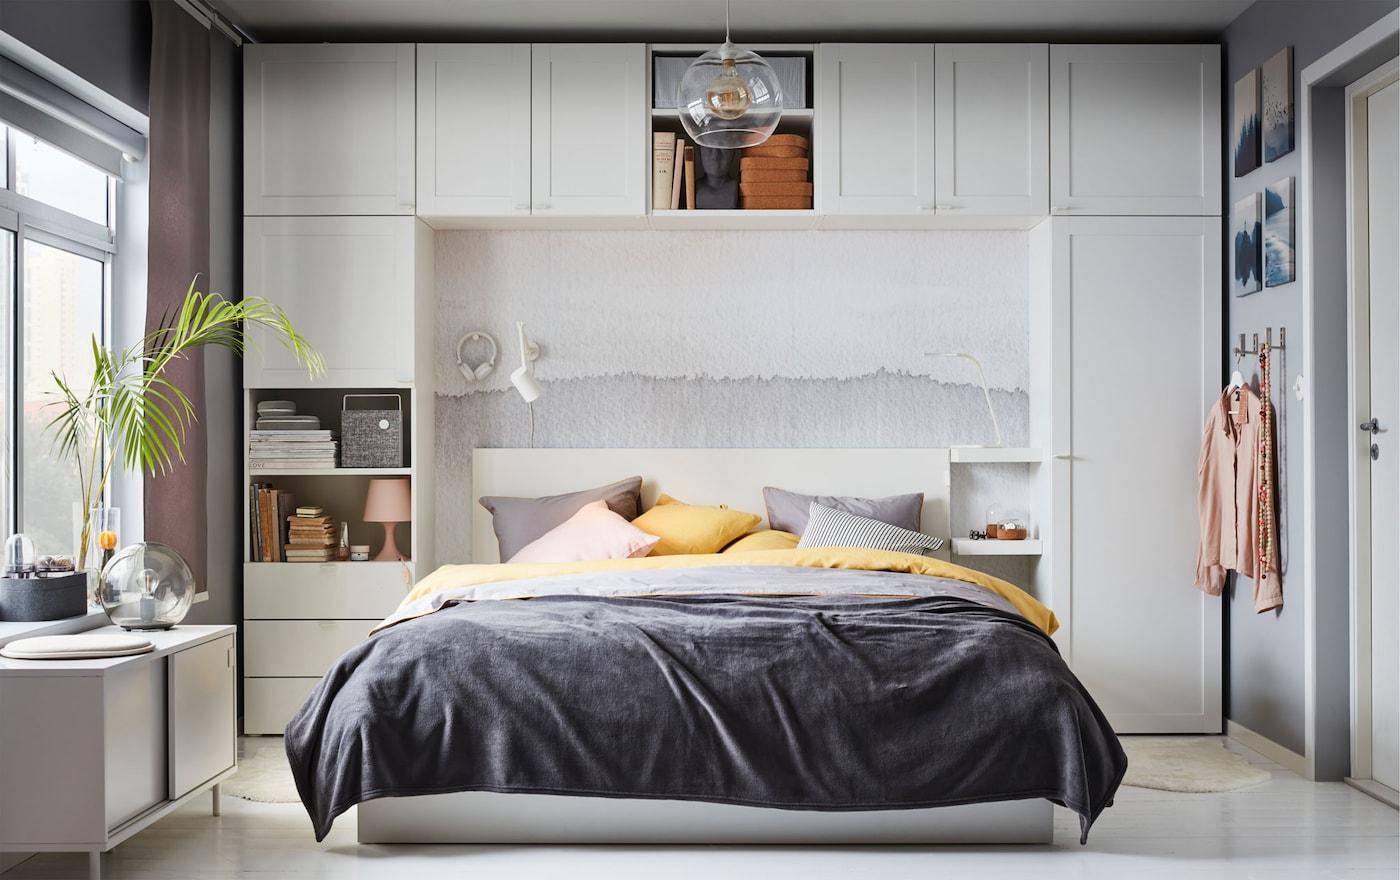 Déco Chambre : Notre Galerie De Photos Chambre   IKEA